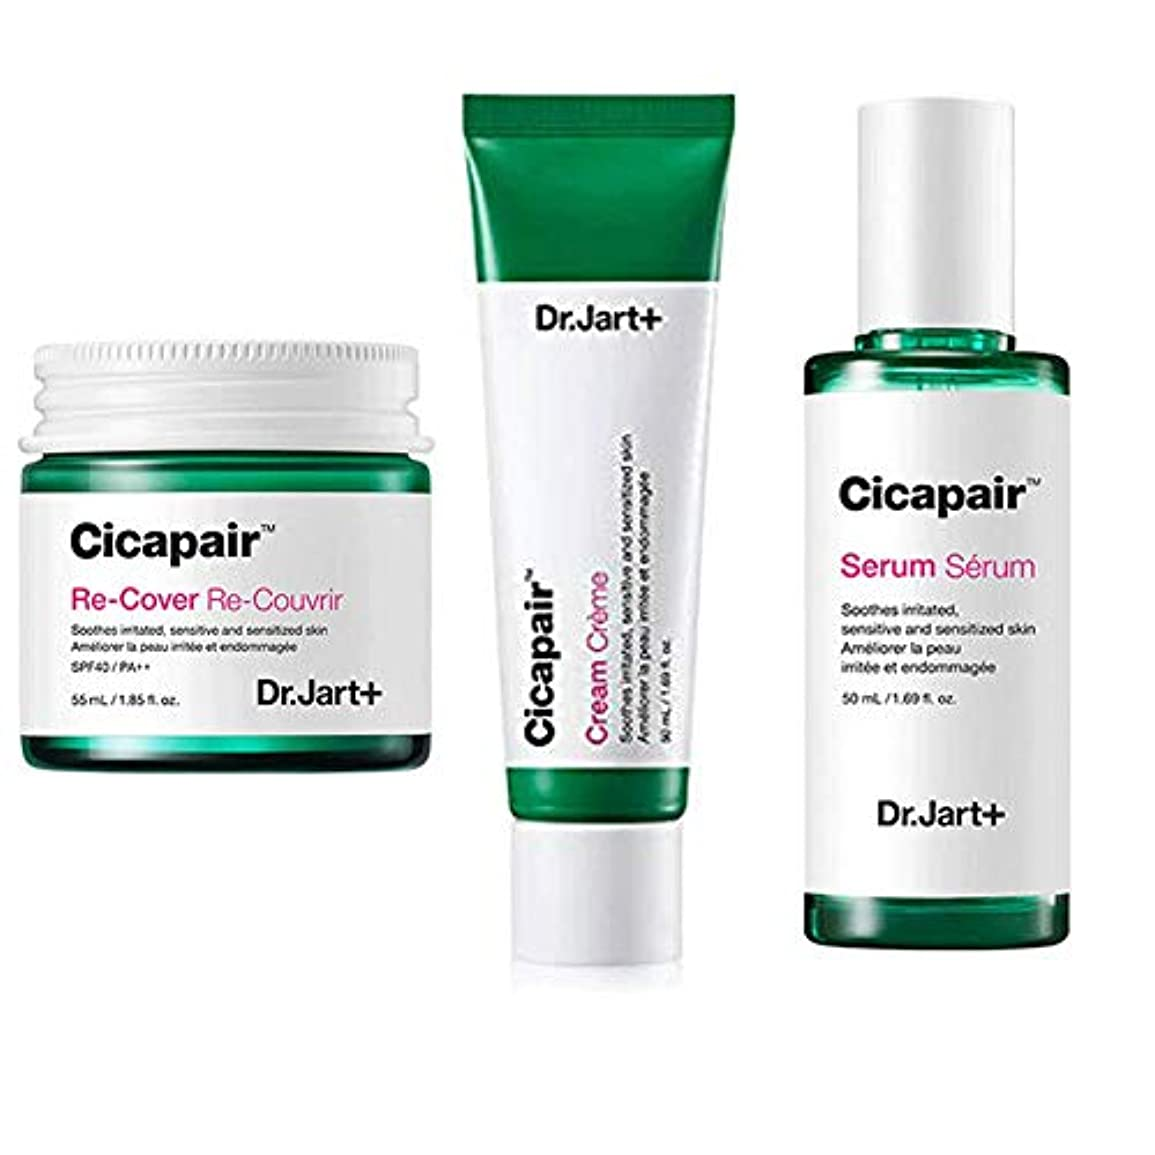 頭痛頬自己Dr.Jart+ Cicapair Cream + ReCover + Serum ドクタージャルトシカペアクリーム50ml + リカバー 55ml + セラム 50ml(2代目) セット [並行輸入品]